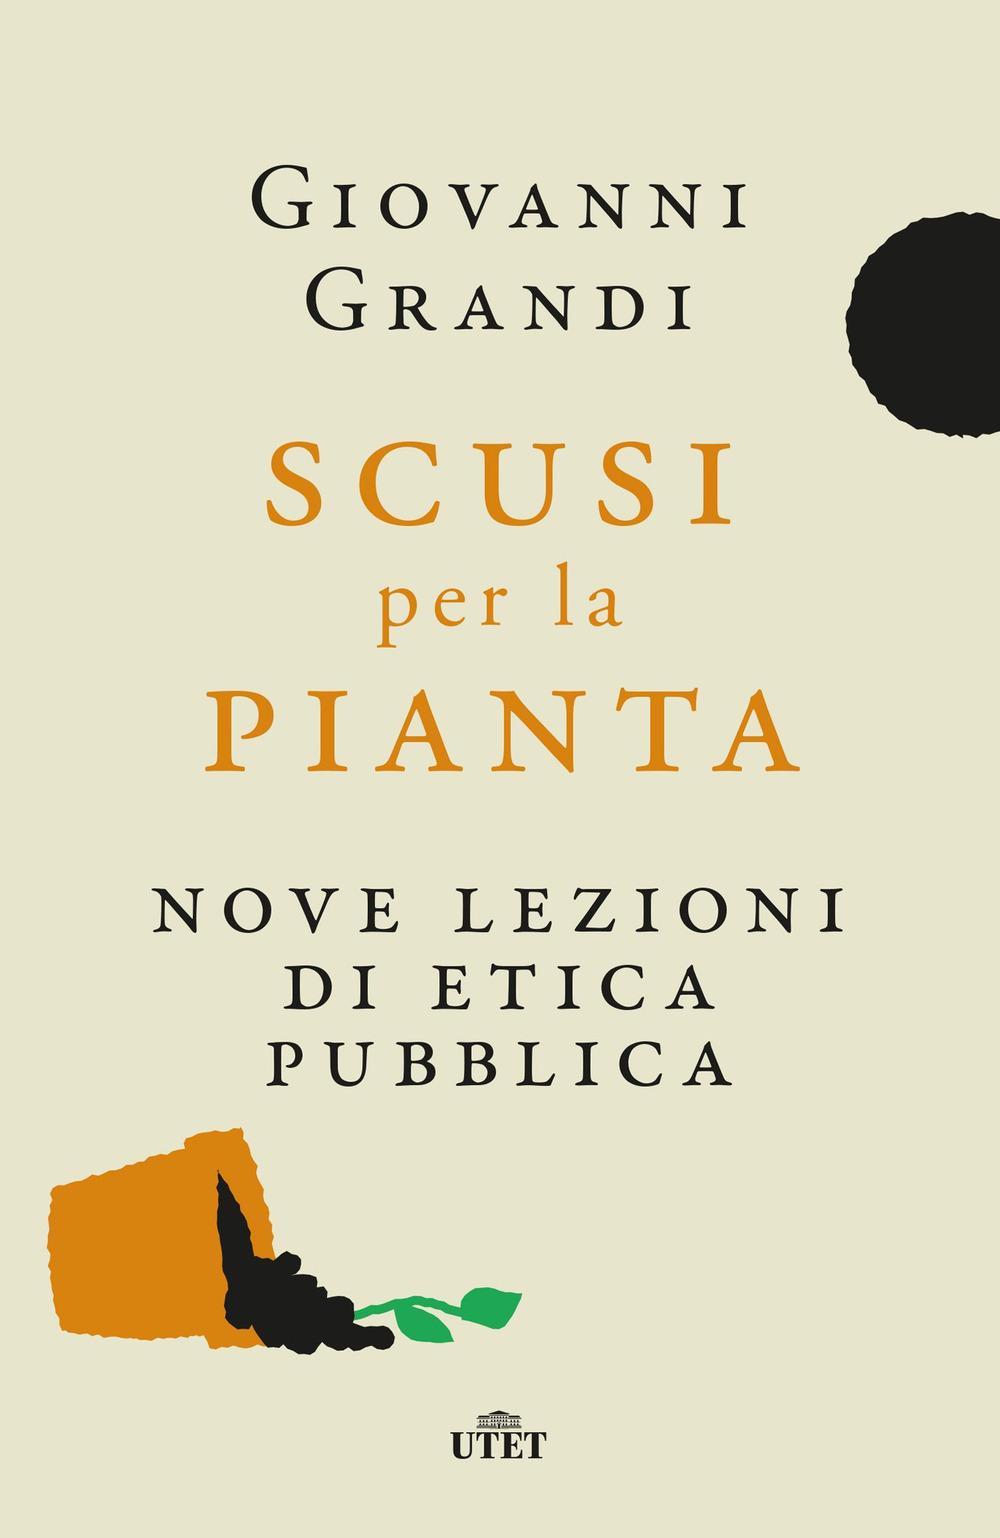 SCUSI PER LA PIANTA di Giovanni Grandi, Utet